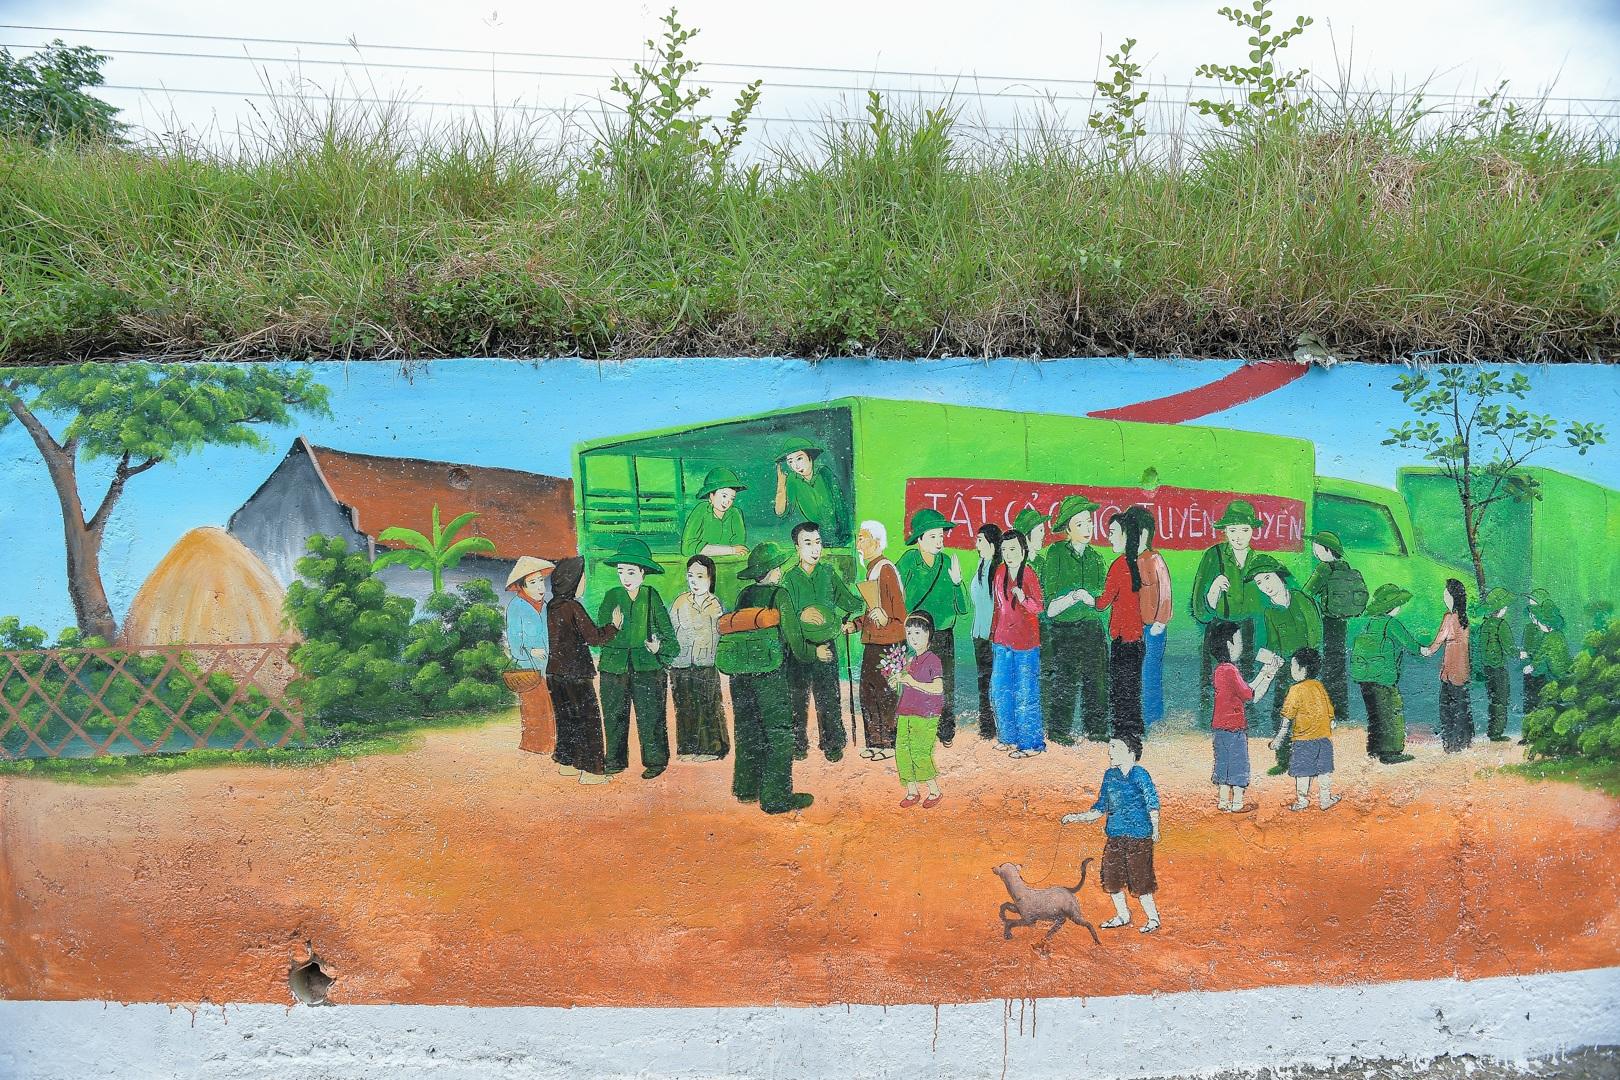 Con đường bích họa dài hơn 2 km ở ngoại thành Hà Nội - 13